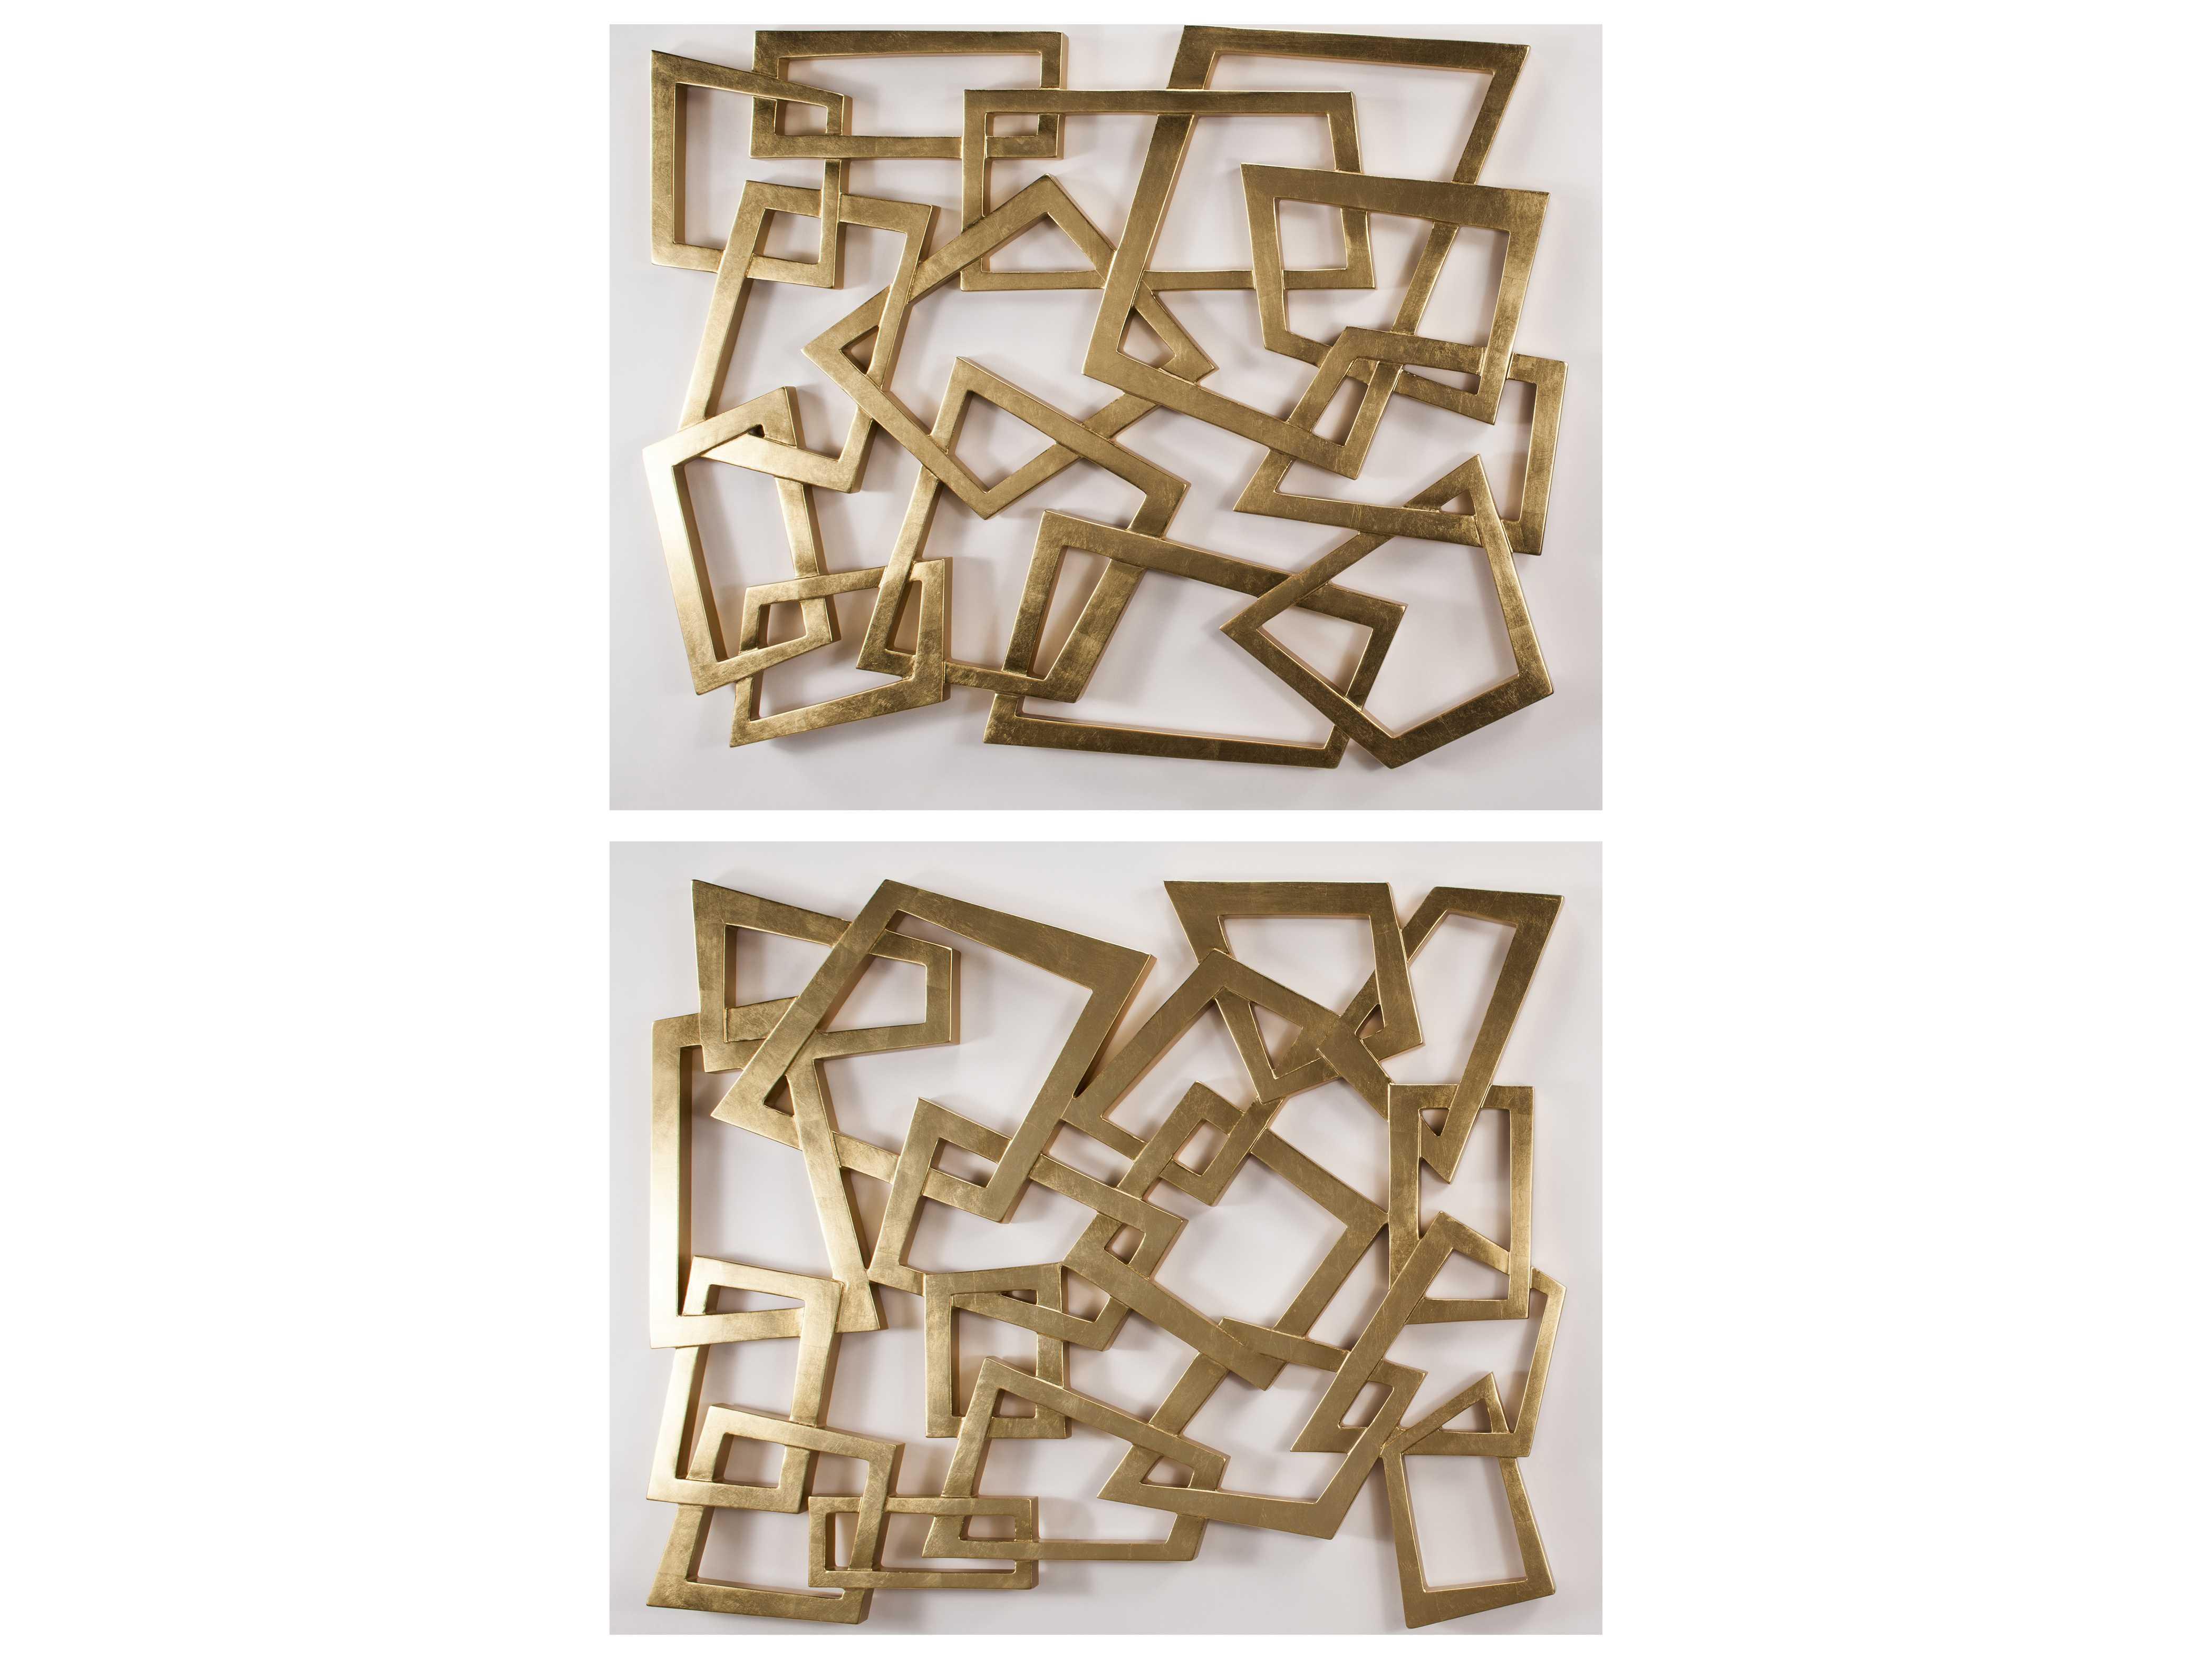 Artmax 56 X 46 Gold Leaf Metal Wall Art 2 Piece Set